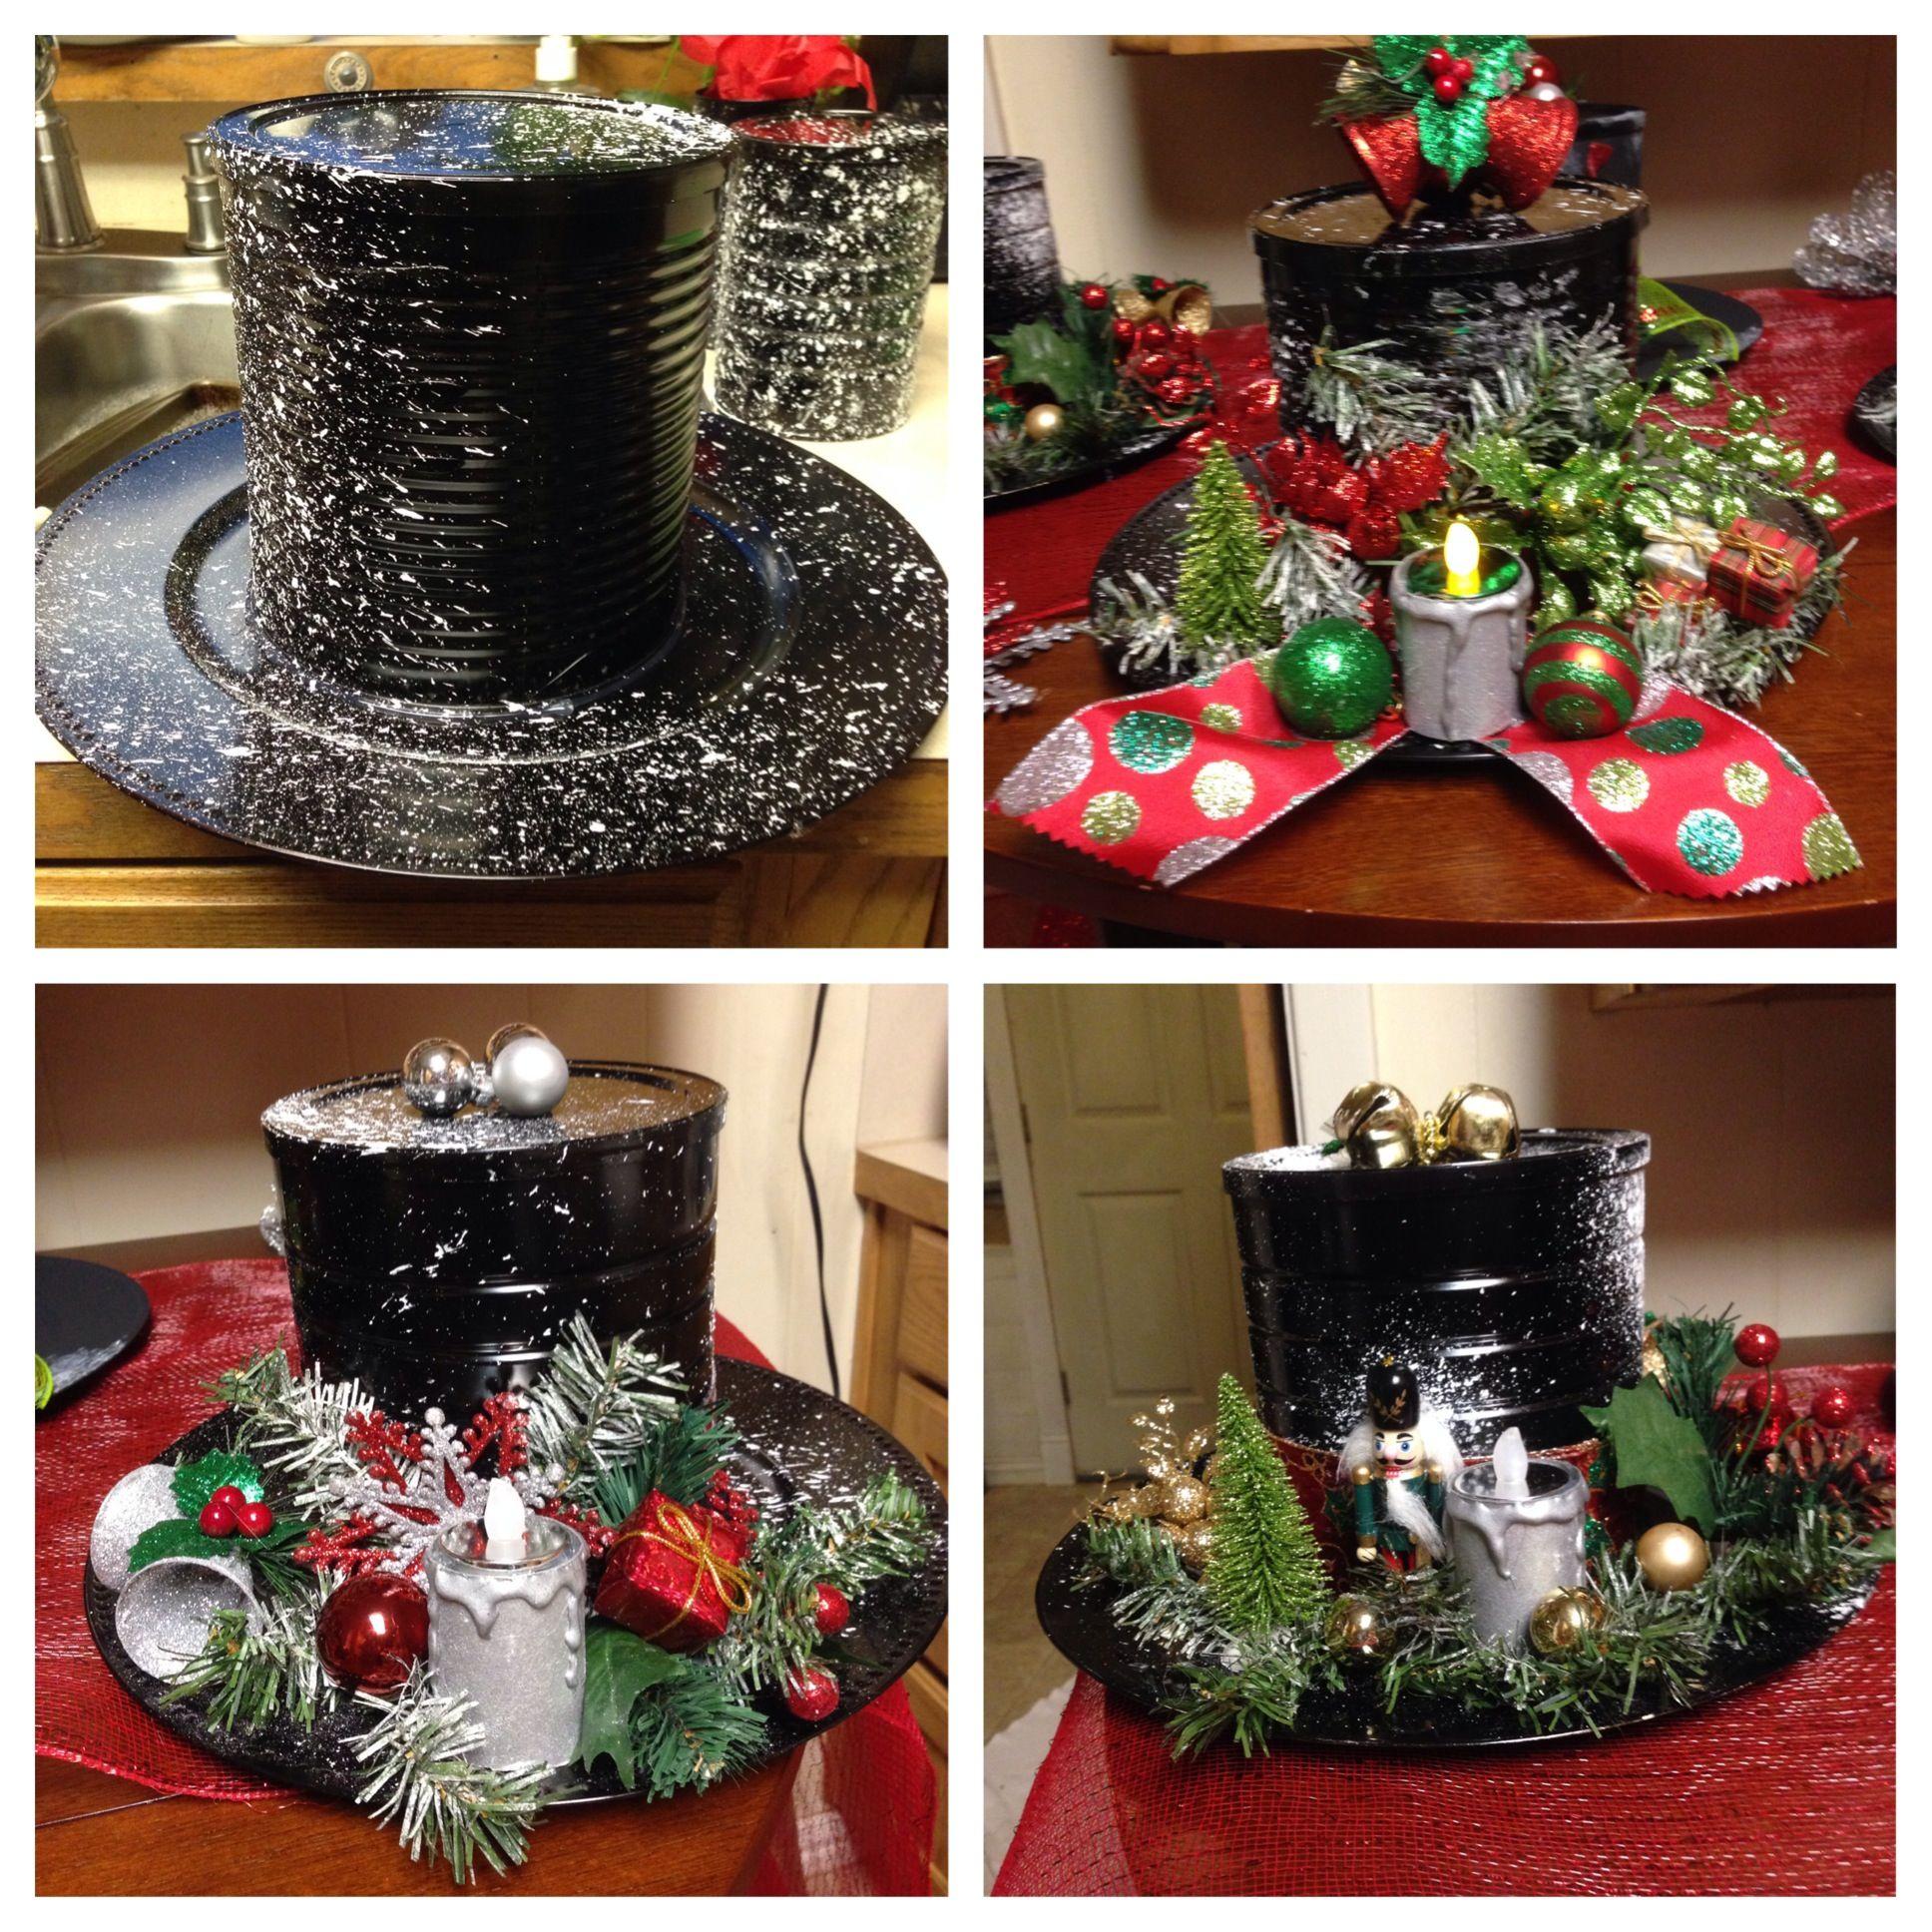 Adorno de navidad para mesa con sombrero latas decoradas - Adornos navidenos para mesas ...